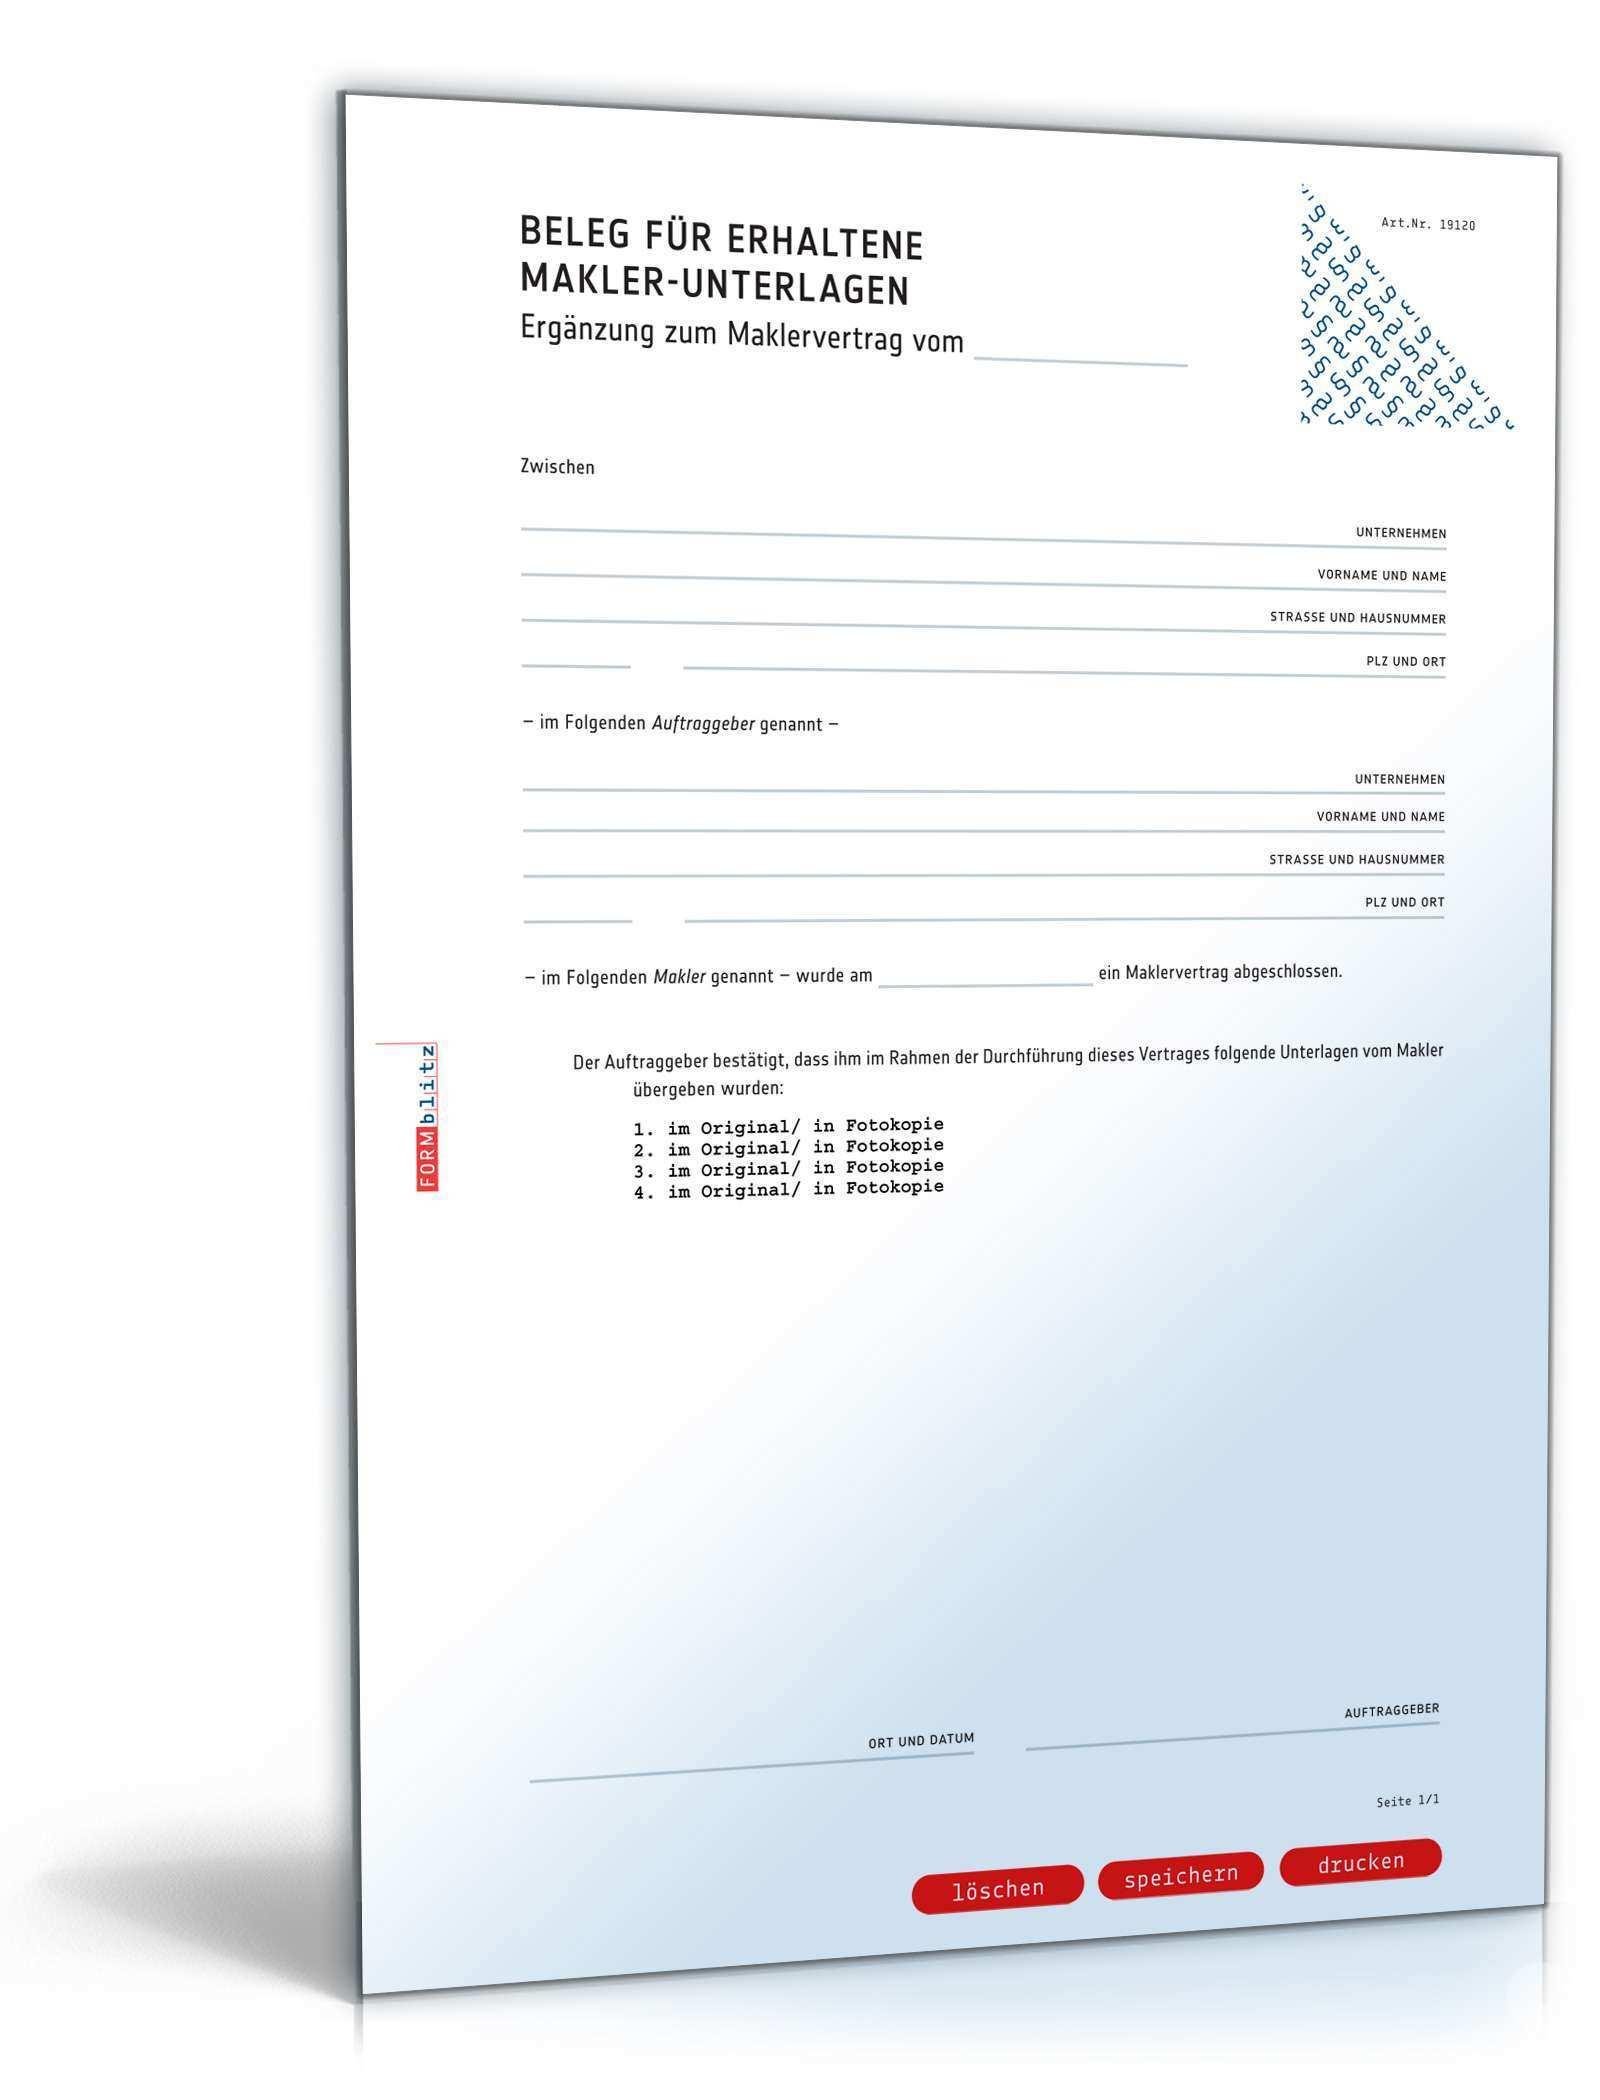 Quittung Maklerunterlagen Vorlage Zum Download